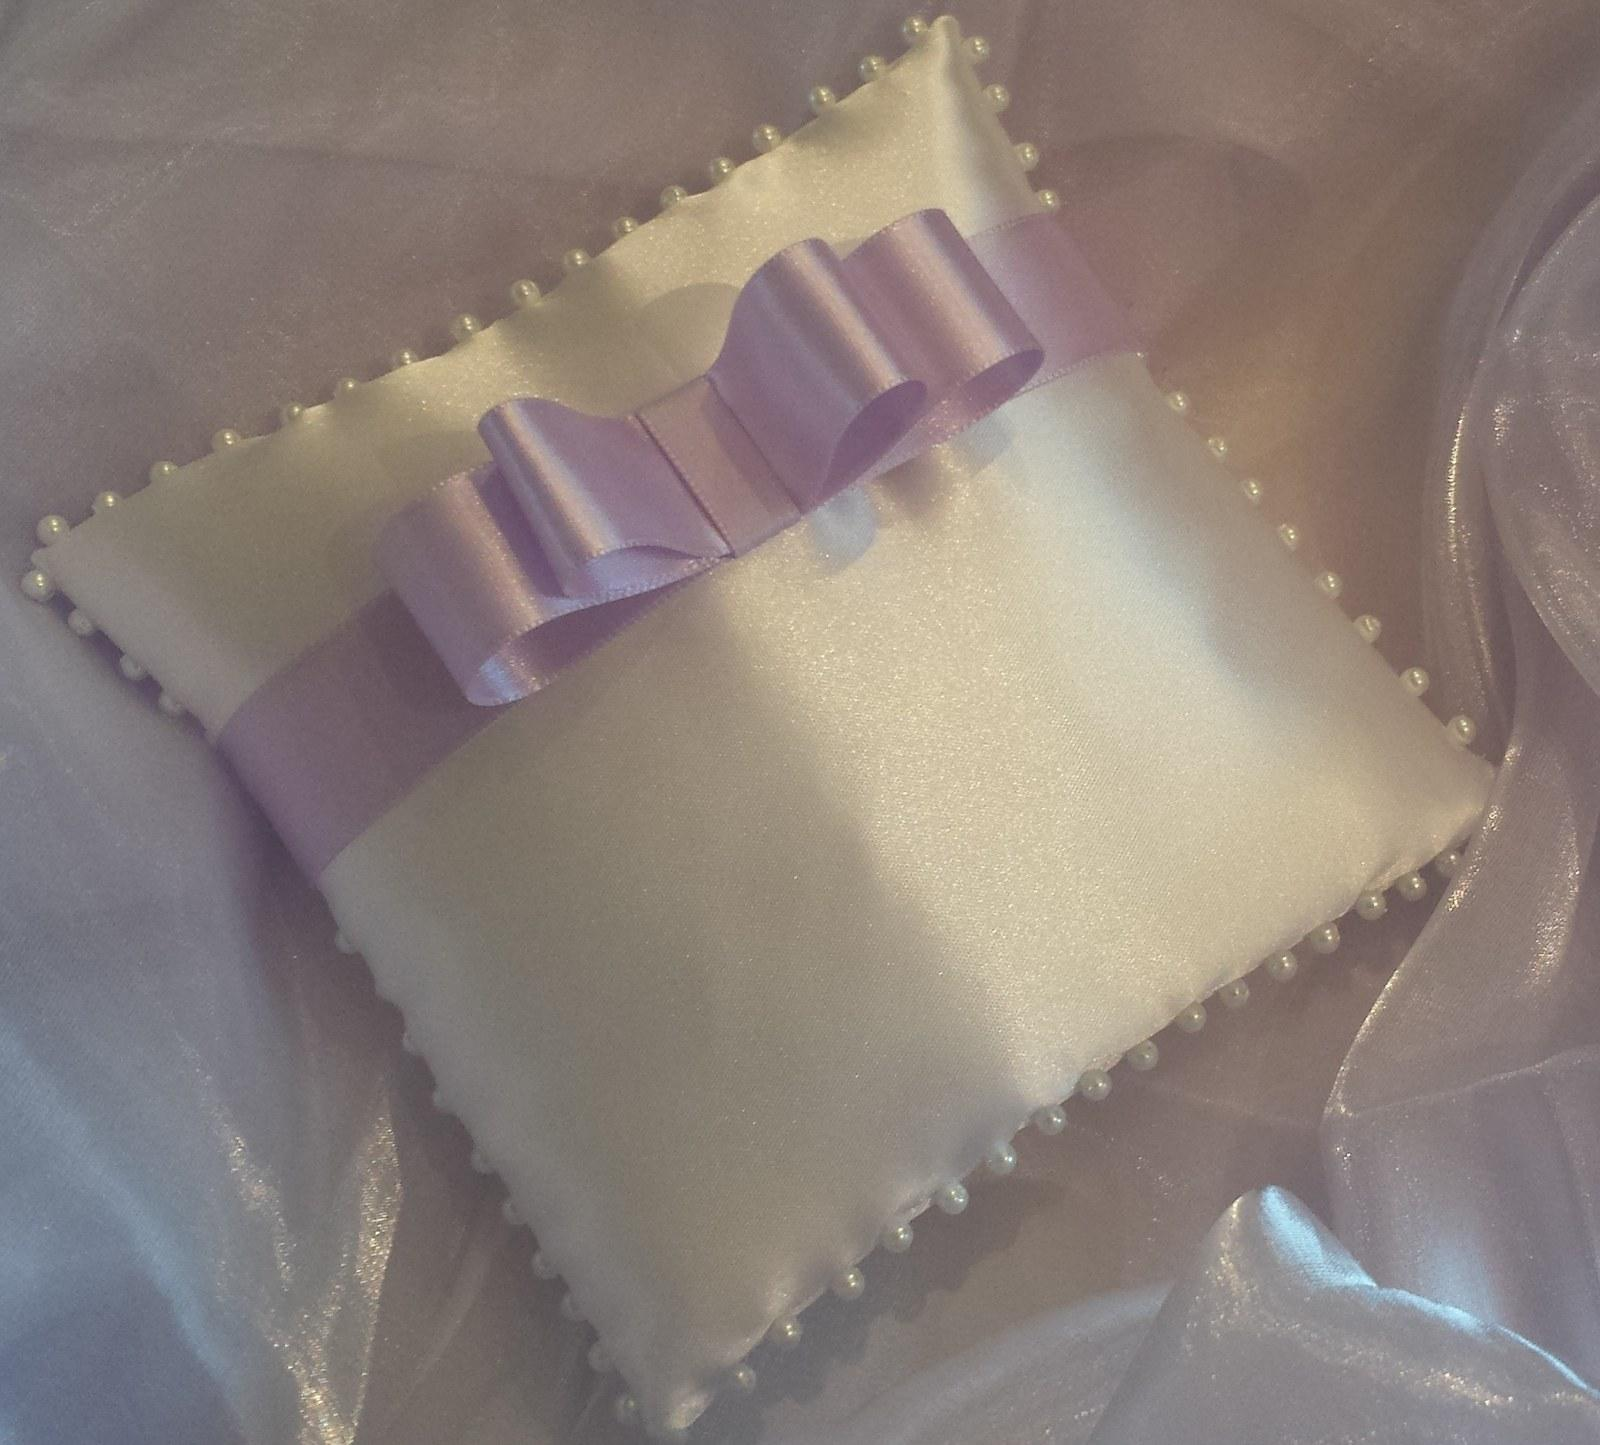 Bílý polštářek pod prstýnky s lila mašličkou - Obrázek č. 1